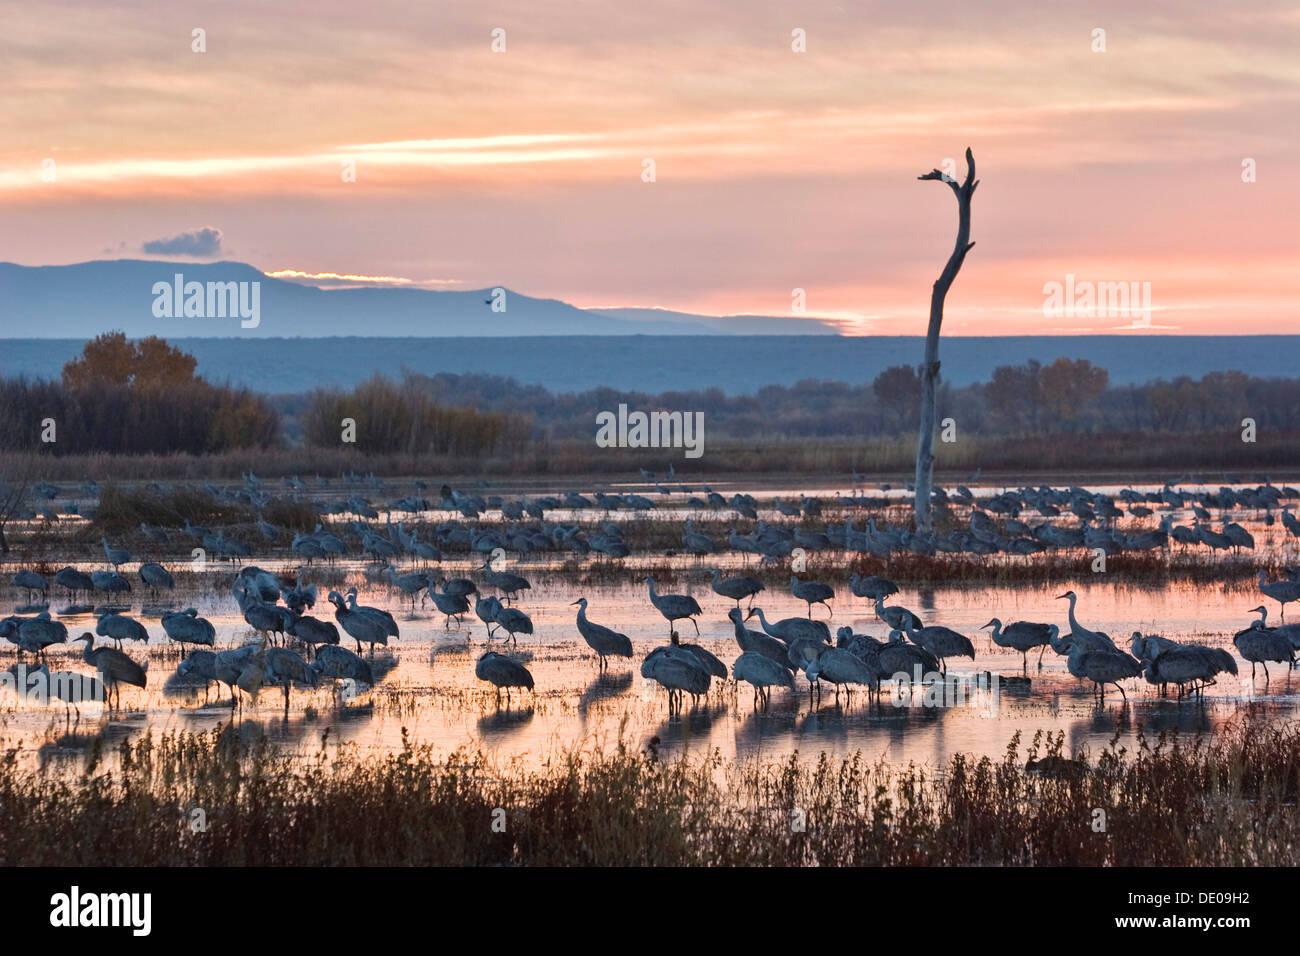 Sandhill Cranes (Grus canadensis) at sunrise, dawn, Bosque del Apache Wildlife Refuge, New Mexico, North America, USA - Stock Image